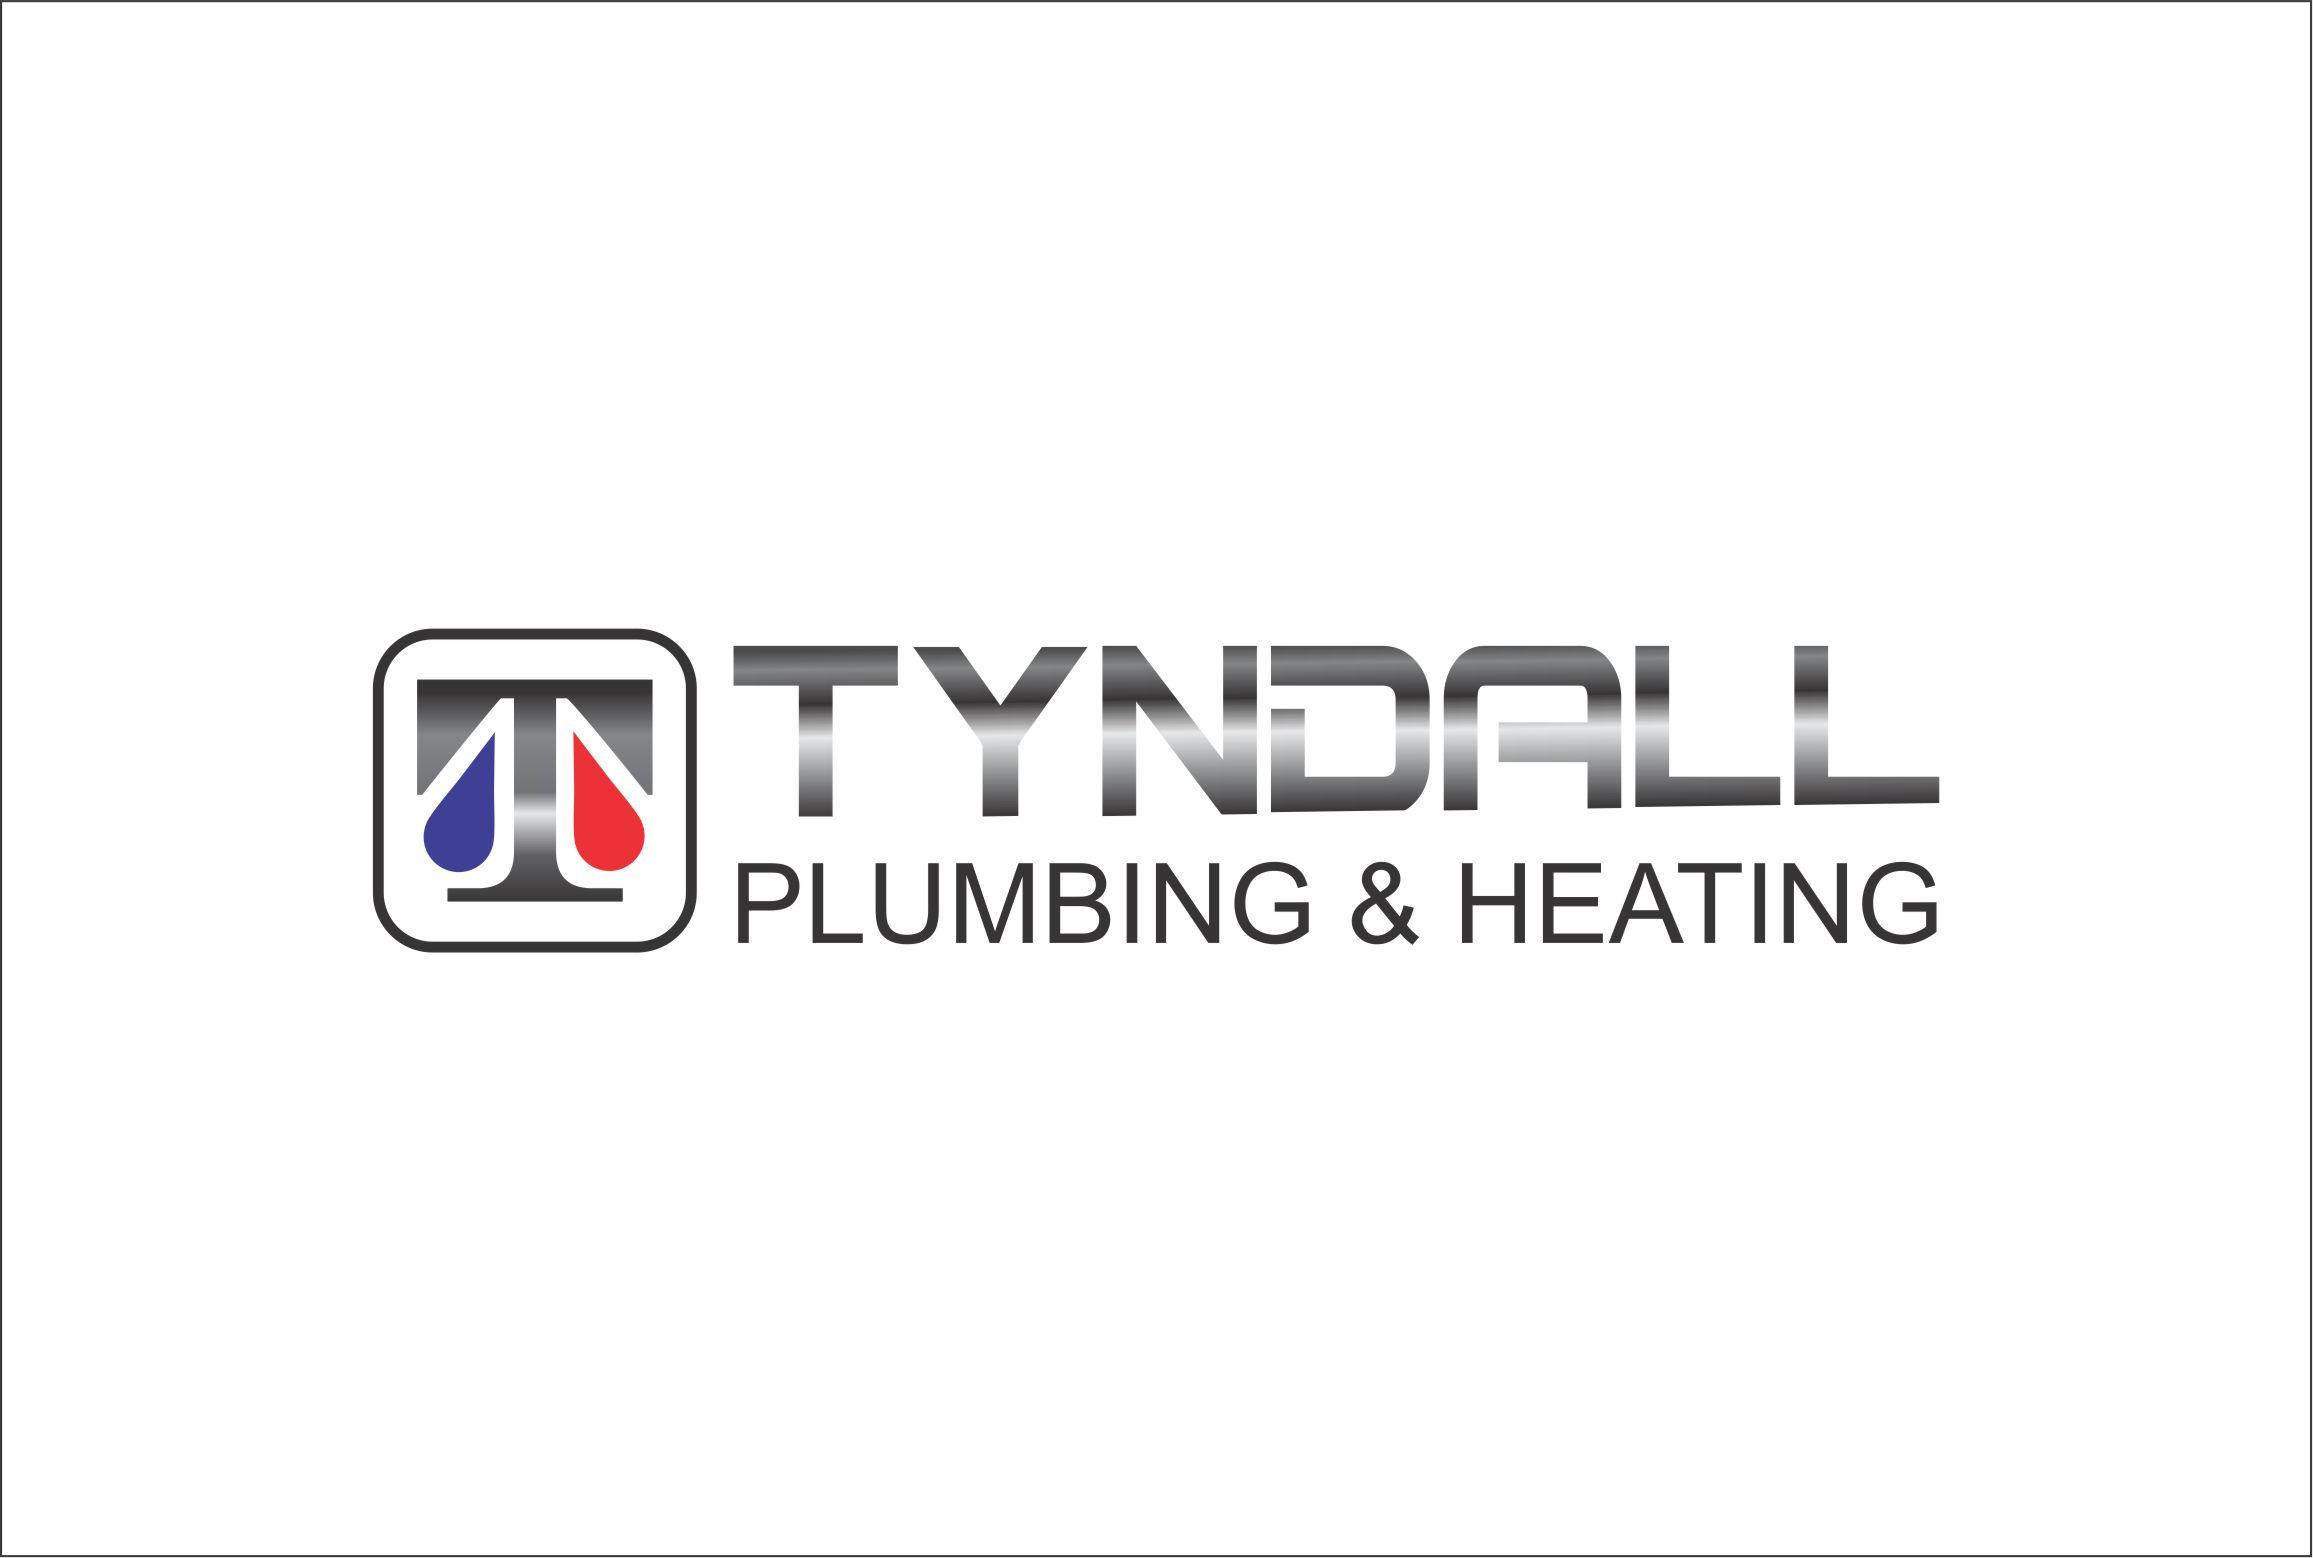 Logo Design by Nikola Kapunac - Entry No. 96 in the Logo Design Contest Imaginative Logo Design for Tyndall Plumbing & Heating.